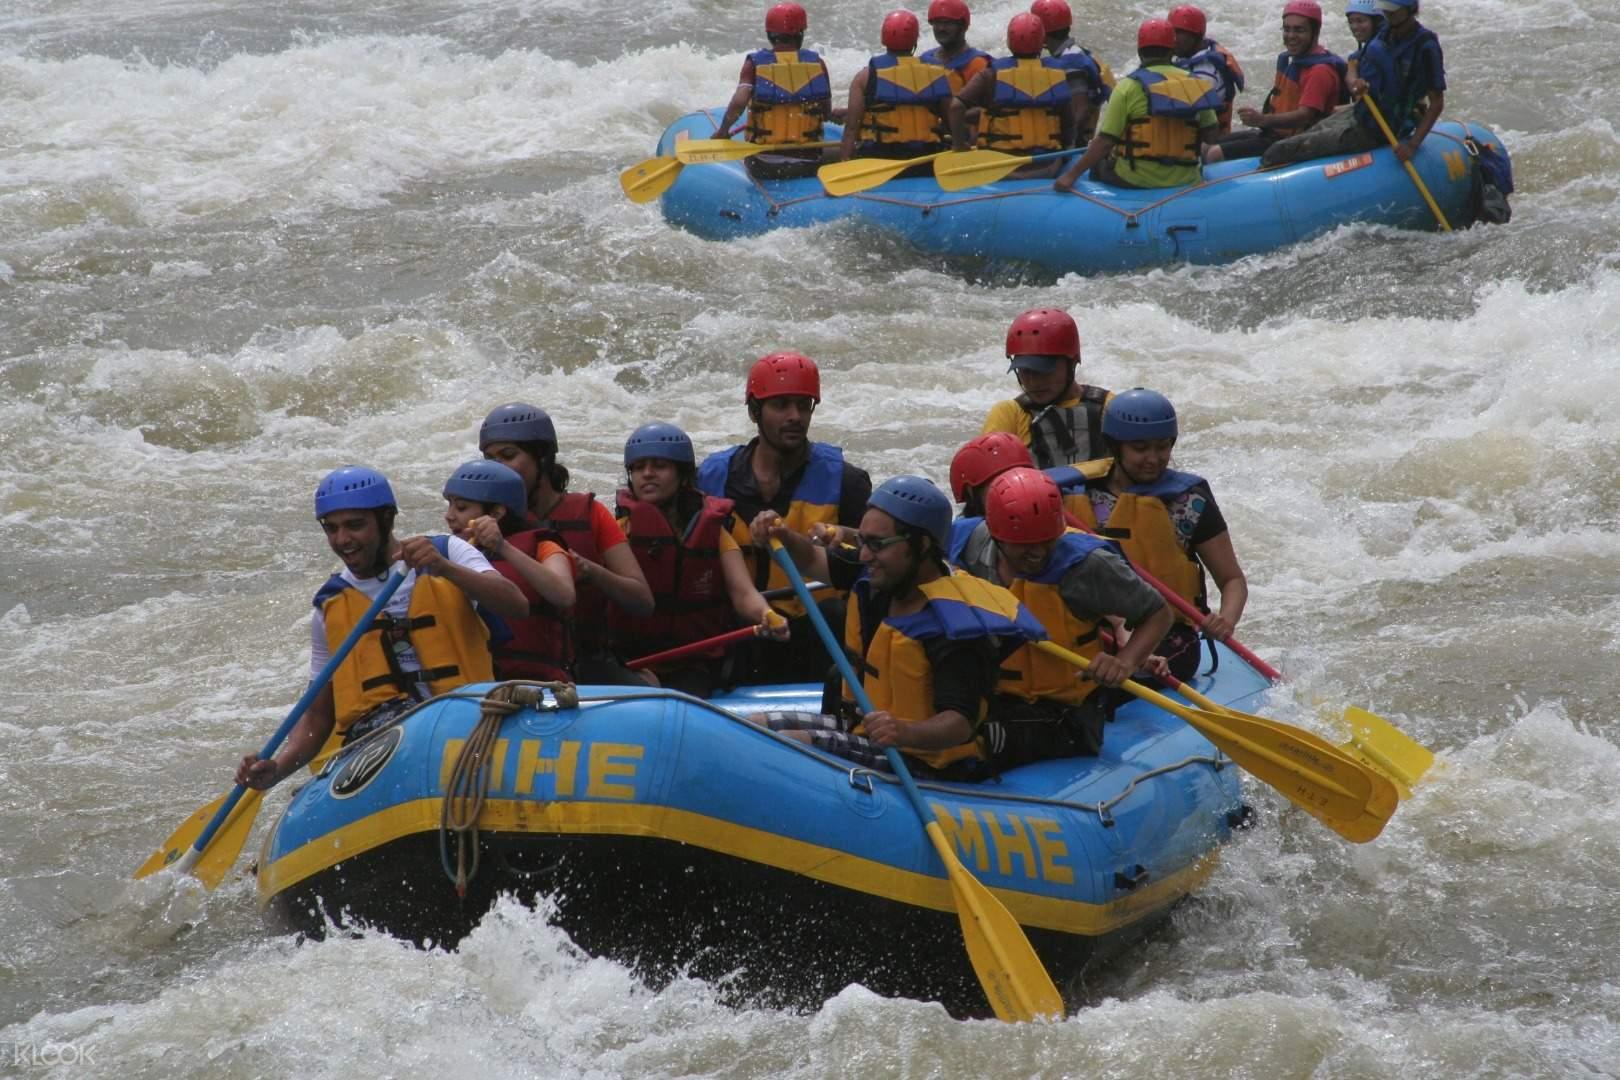 White Water Rafting in Kolad, India - Klook